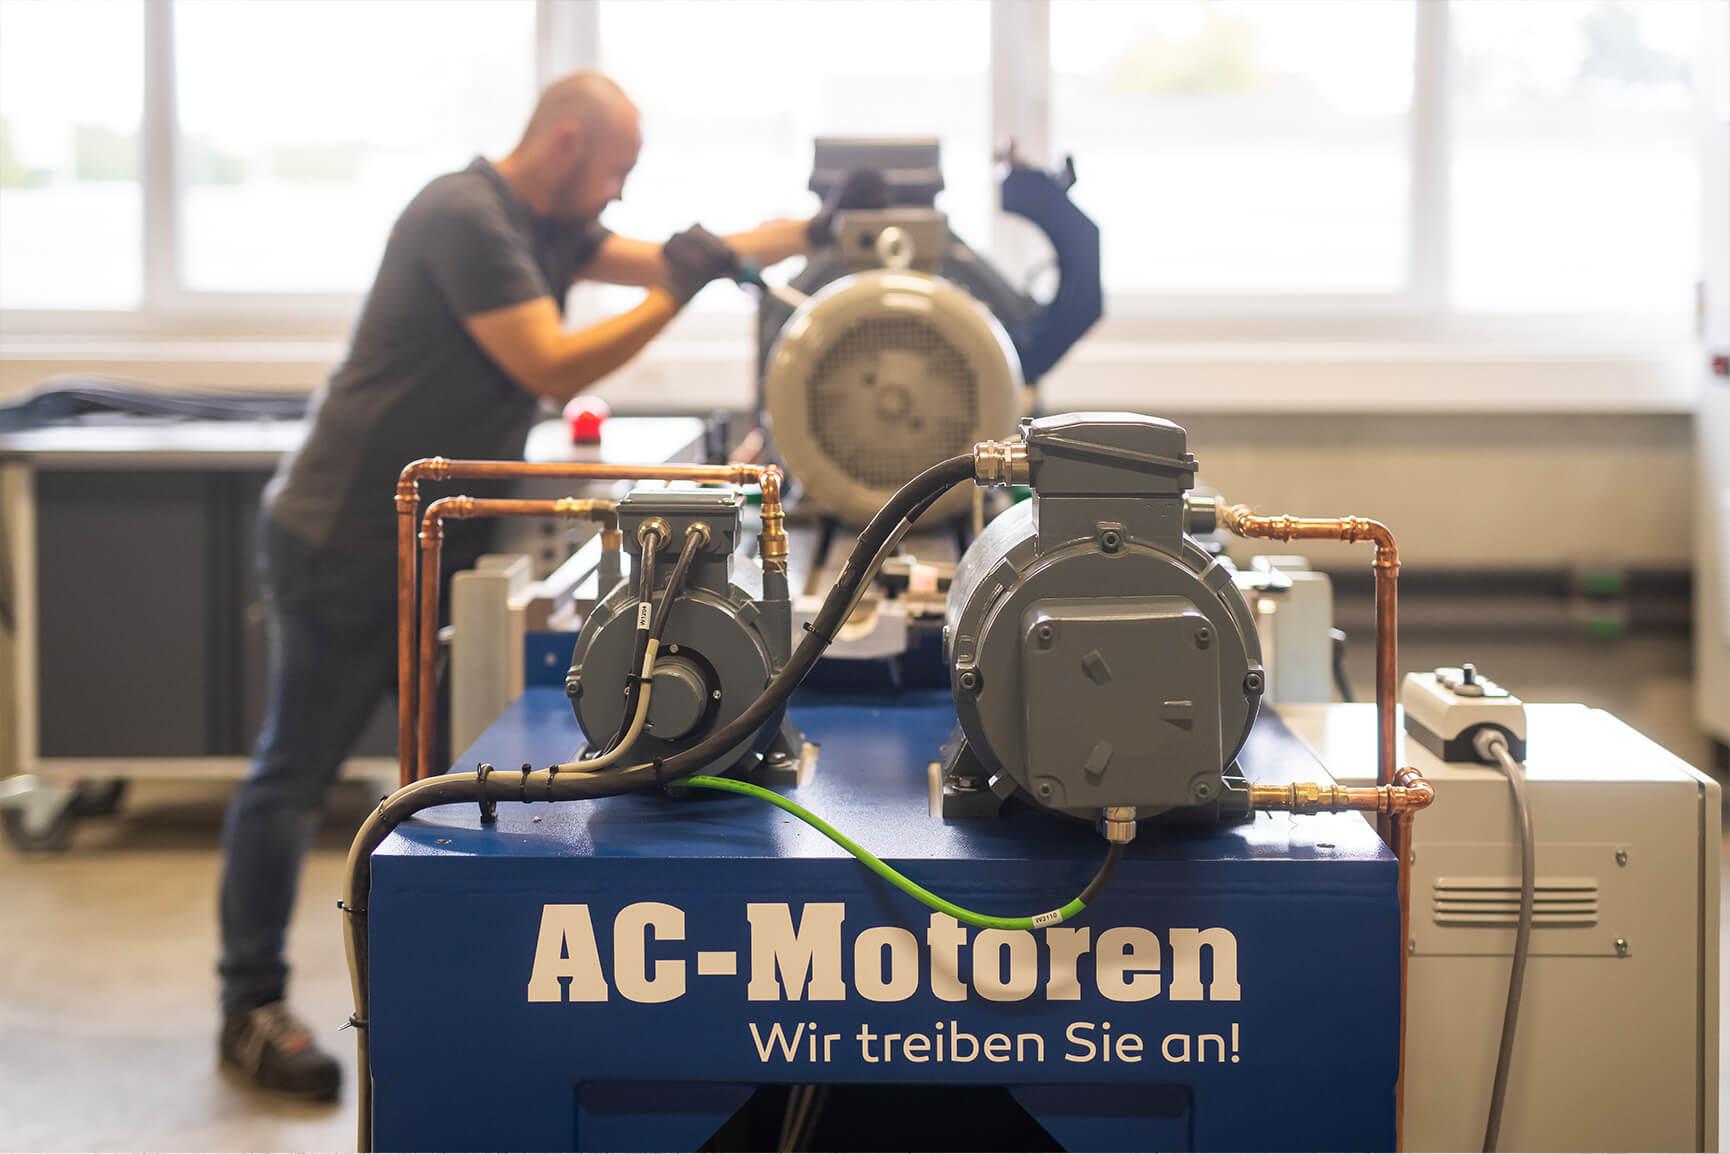 ac-motoren-aktuelles-oktober-2019-pruefstand-fuer-motoren-titlebild